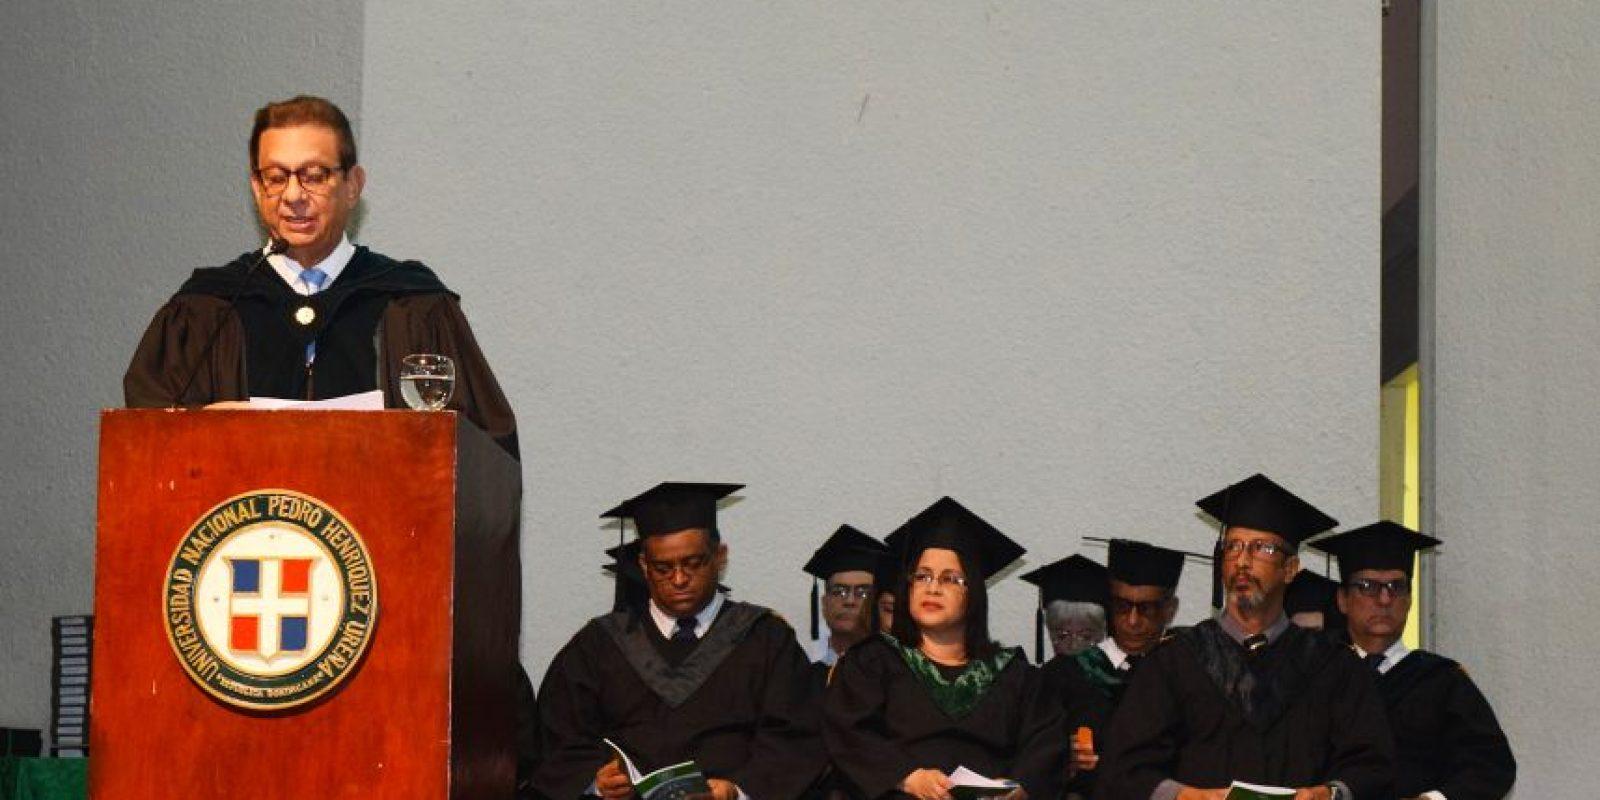 Miguel Fiallo Calderón, Rector de la UNPHU, mientras pronunciaba su discurso. Foto:Fuente Externa